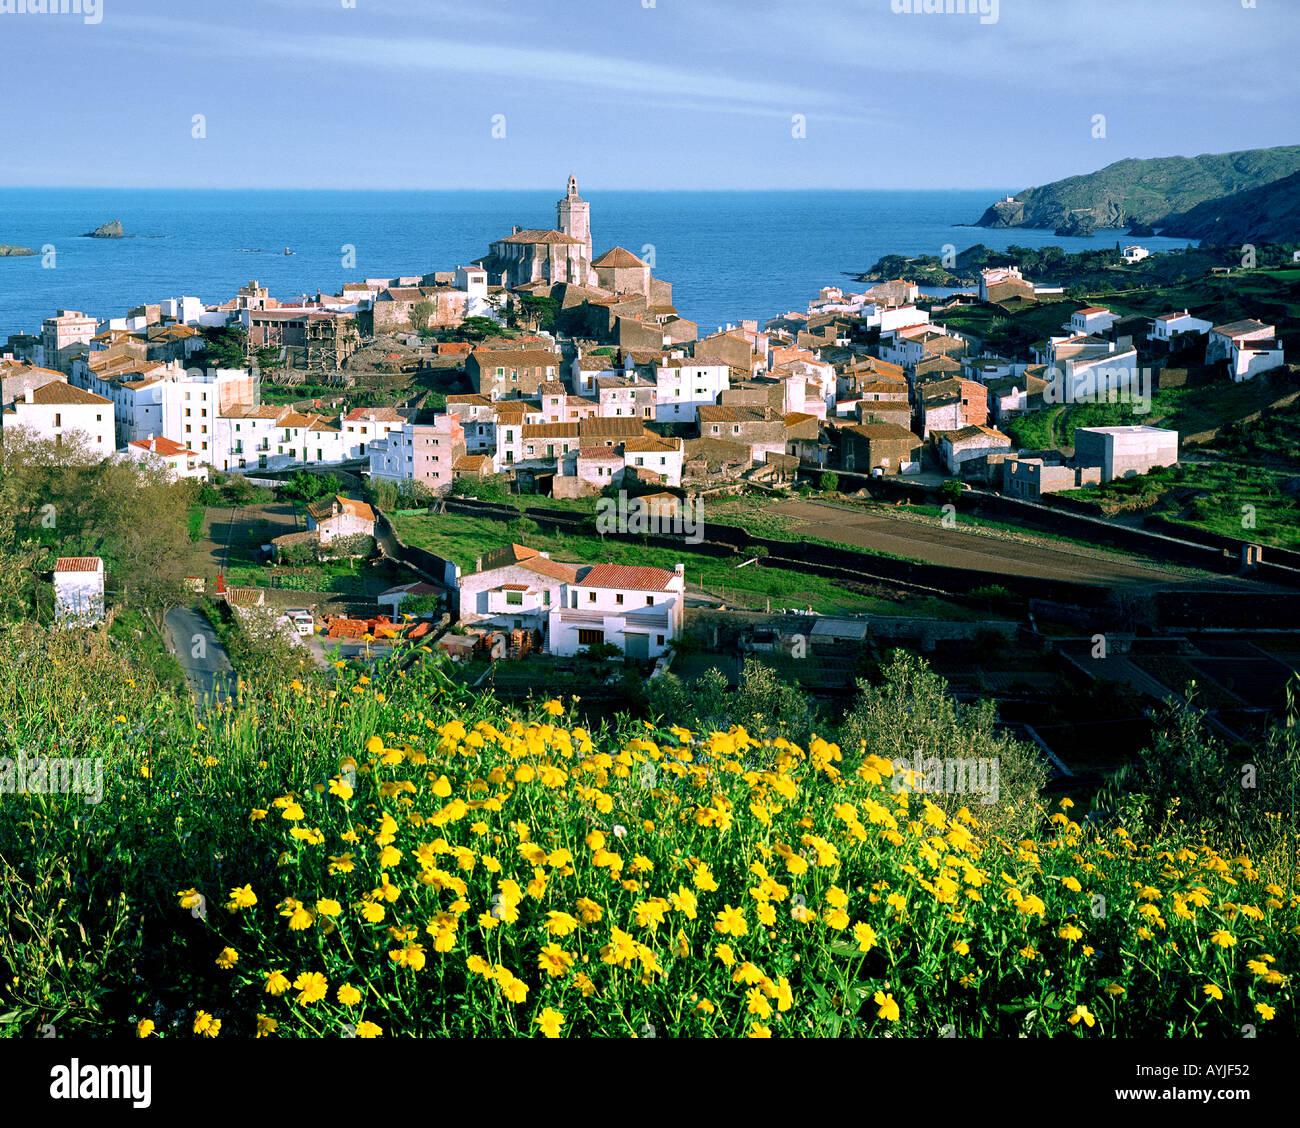 ES - Catalogna: villaggio di Cadaques Immagini Stock